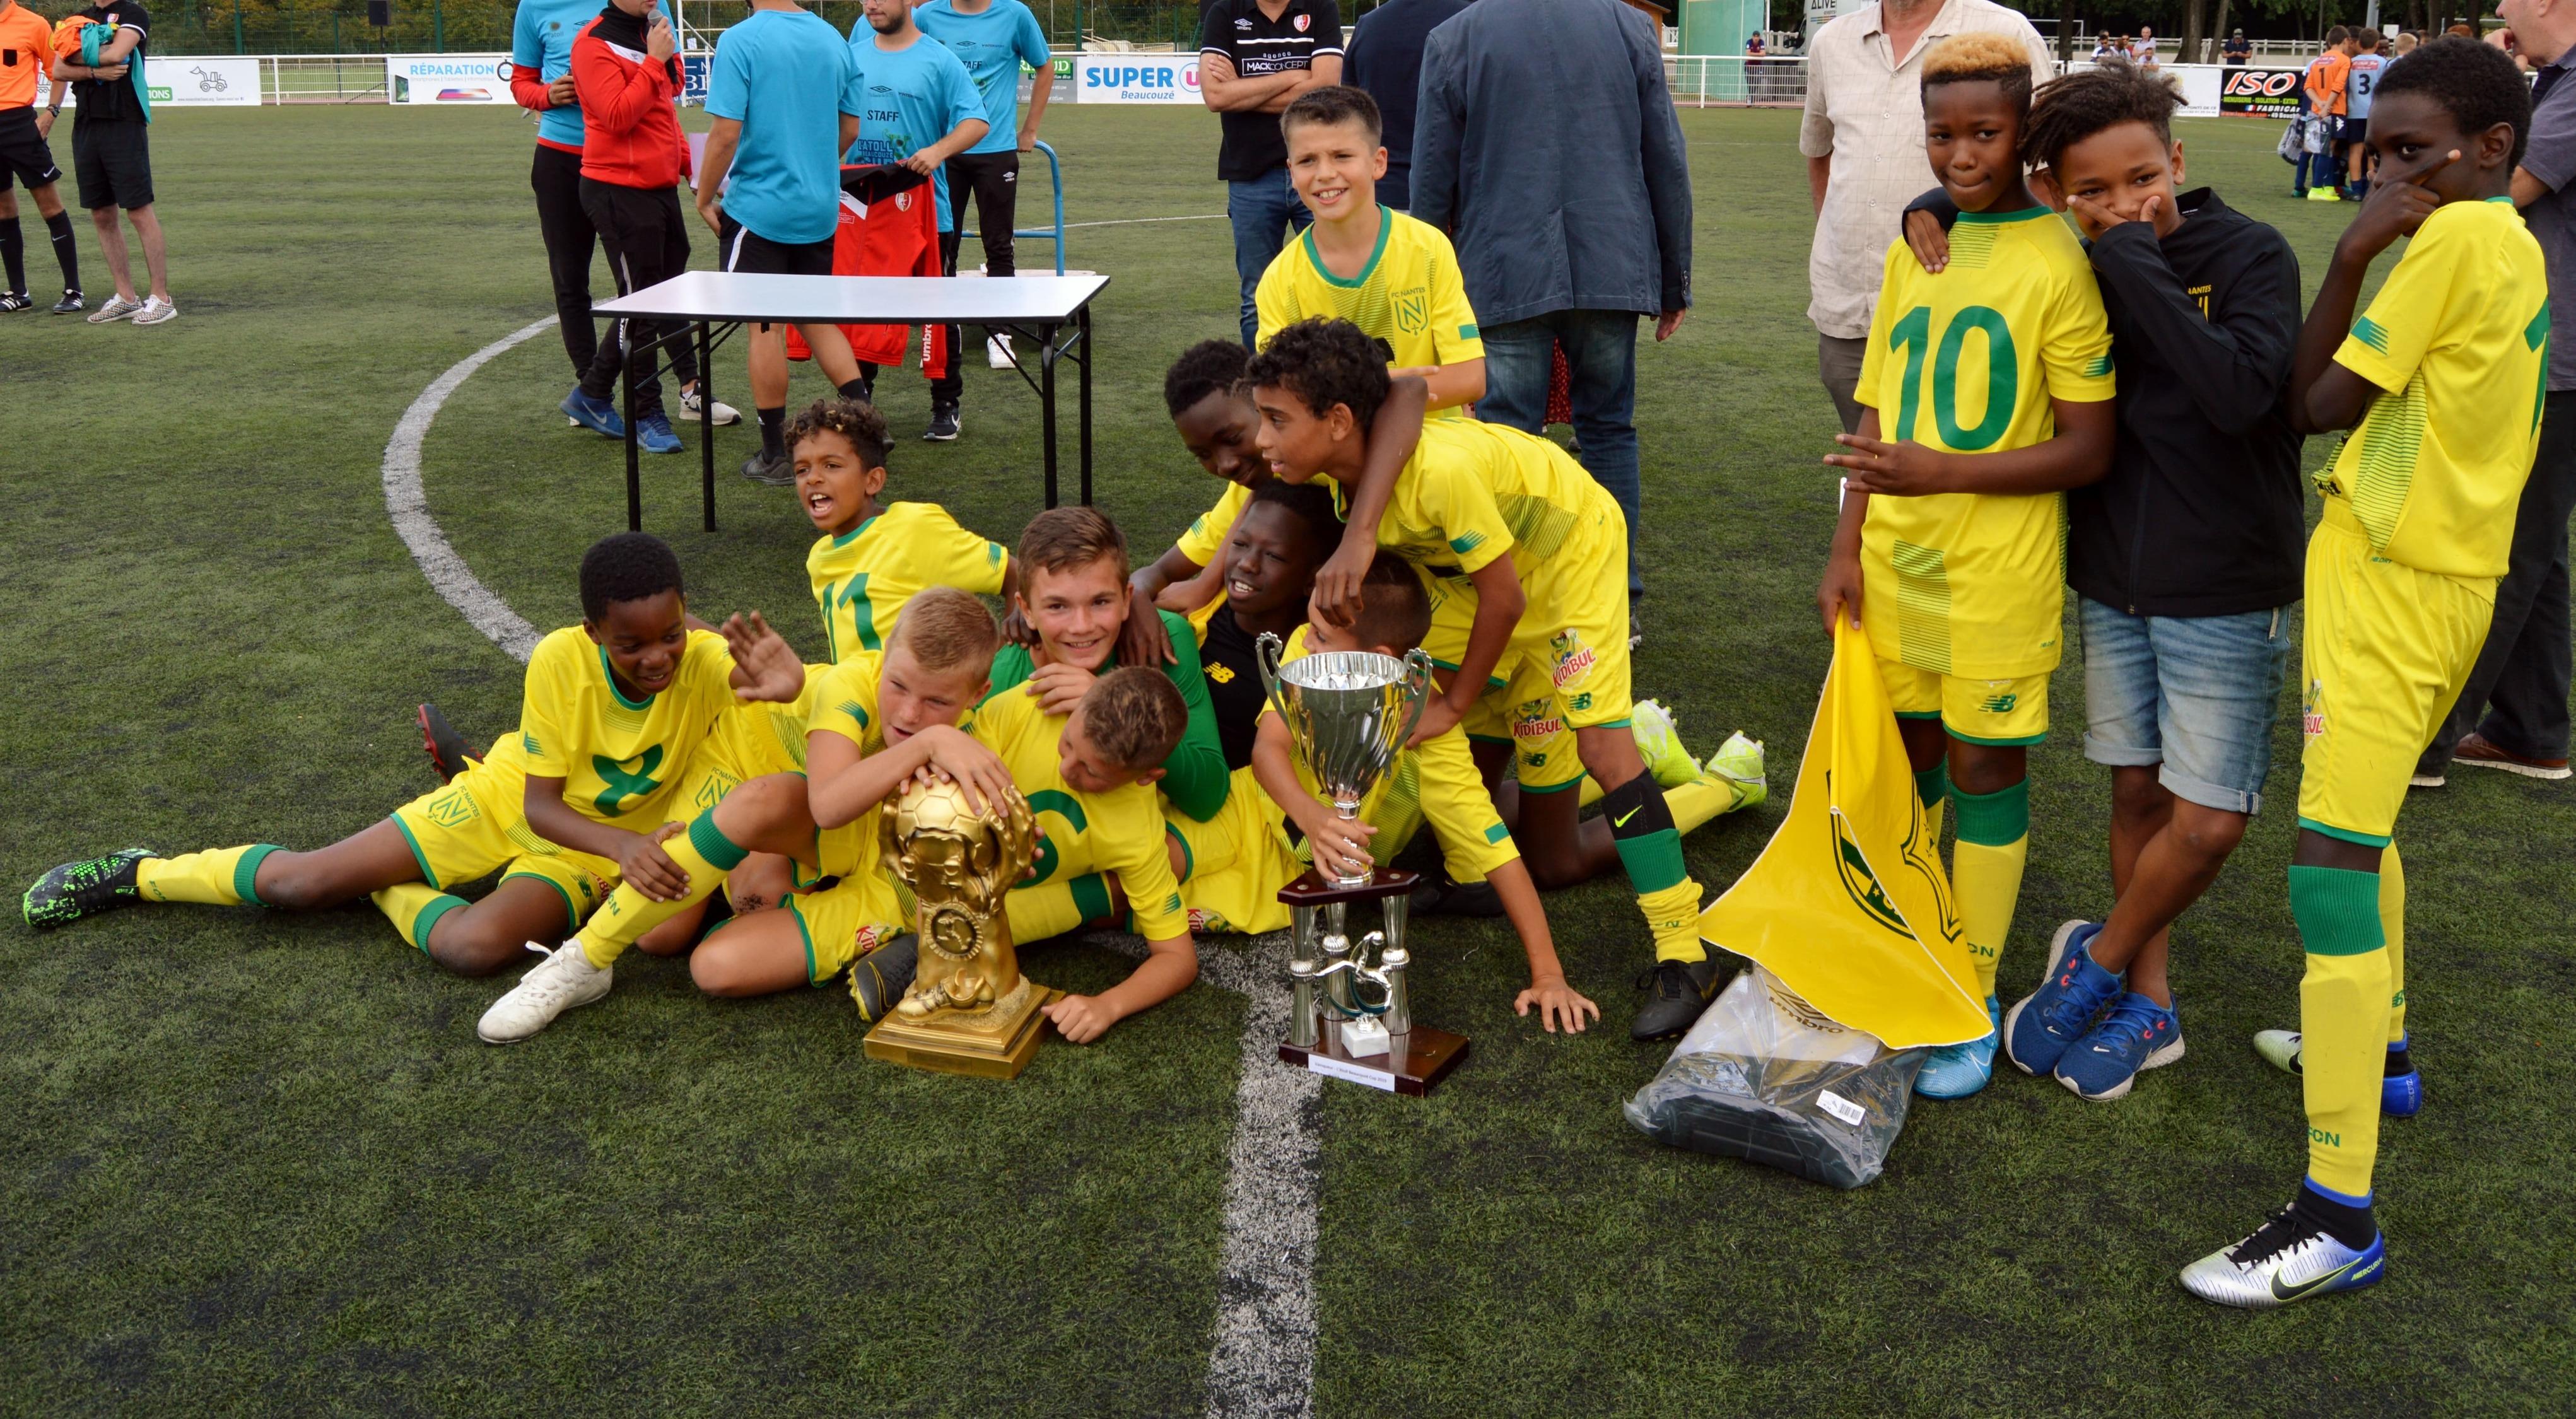 Le Stade Brestois 29 vainqueur de l'édition 2018 de L'ATOLL Beaucouzé Cup